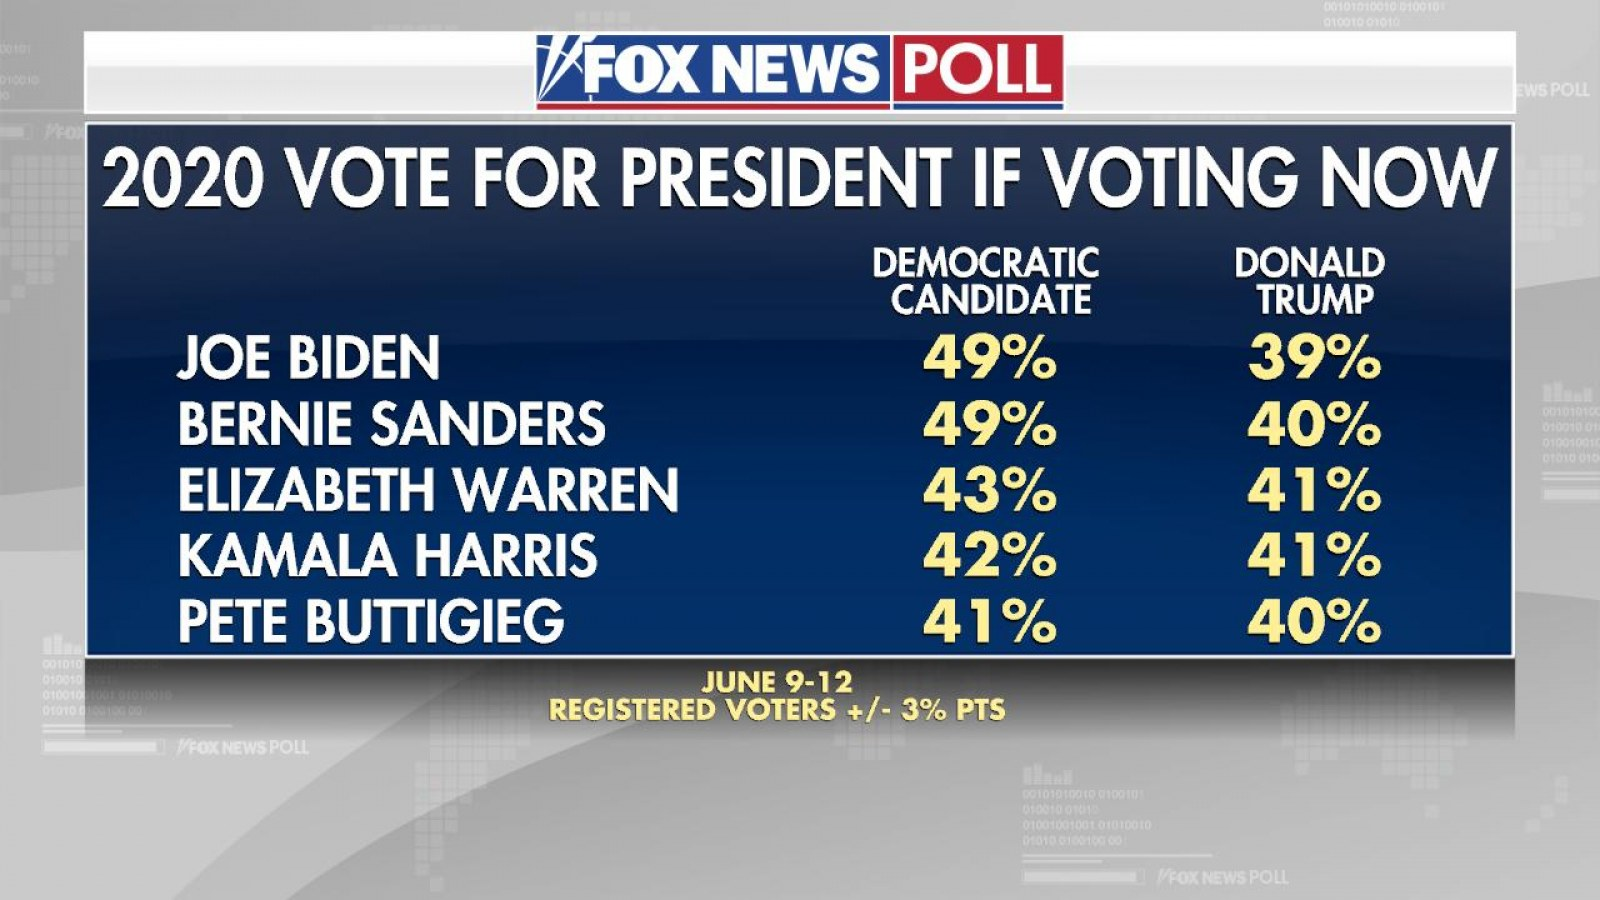 [Image: fox-news-poll.jpg?w=1600&h=900&l=50&t=40...959c34d0e7]